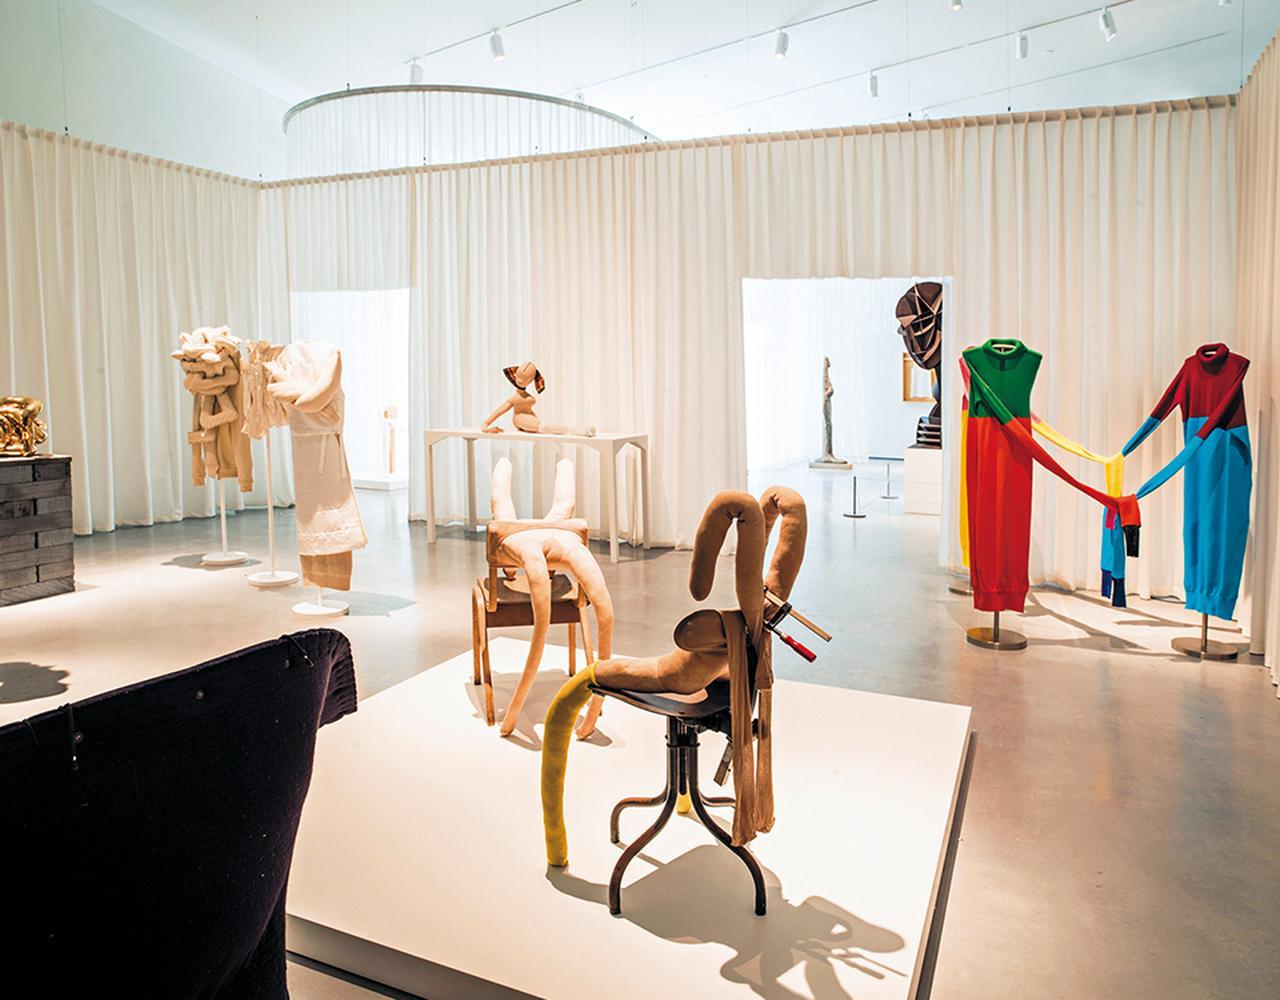 Images : 2番目の画像 - 「ジョナサン・アンダーソンと アンセア・ハミルトンが語る ファッションとアート」のアルバム - T JAPAN:The New York Times Style Magazine 公式サイト